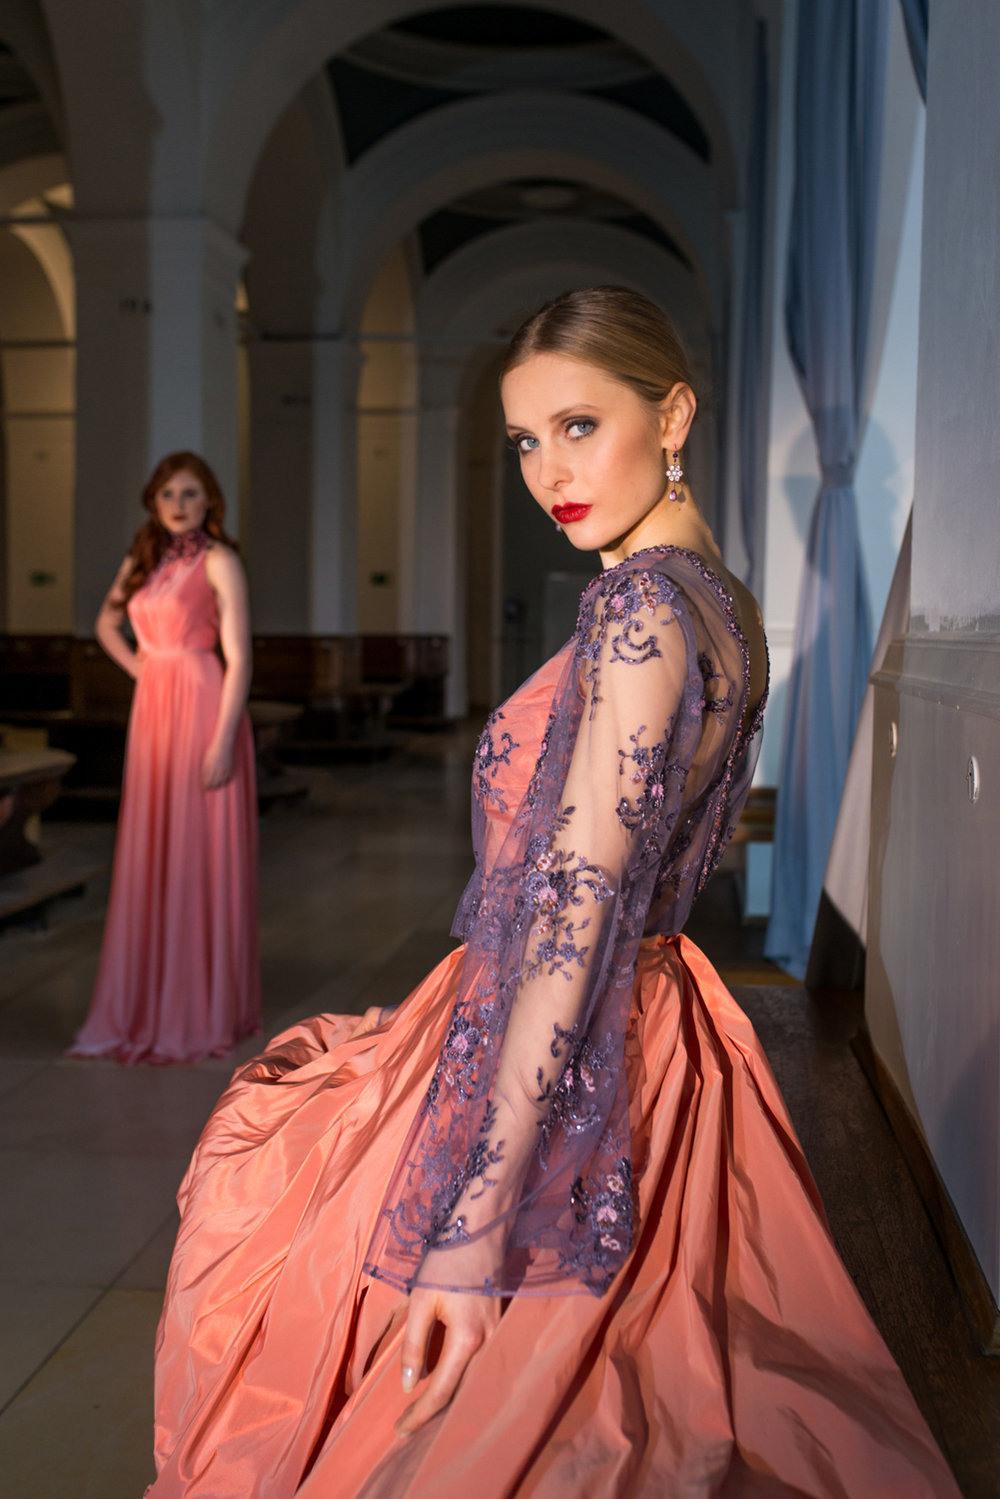 20 Ausgezeichnet Abendkleid Designer VertriebAbend Elegant Abendkleid Designer Boutique